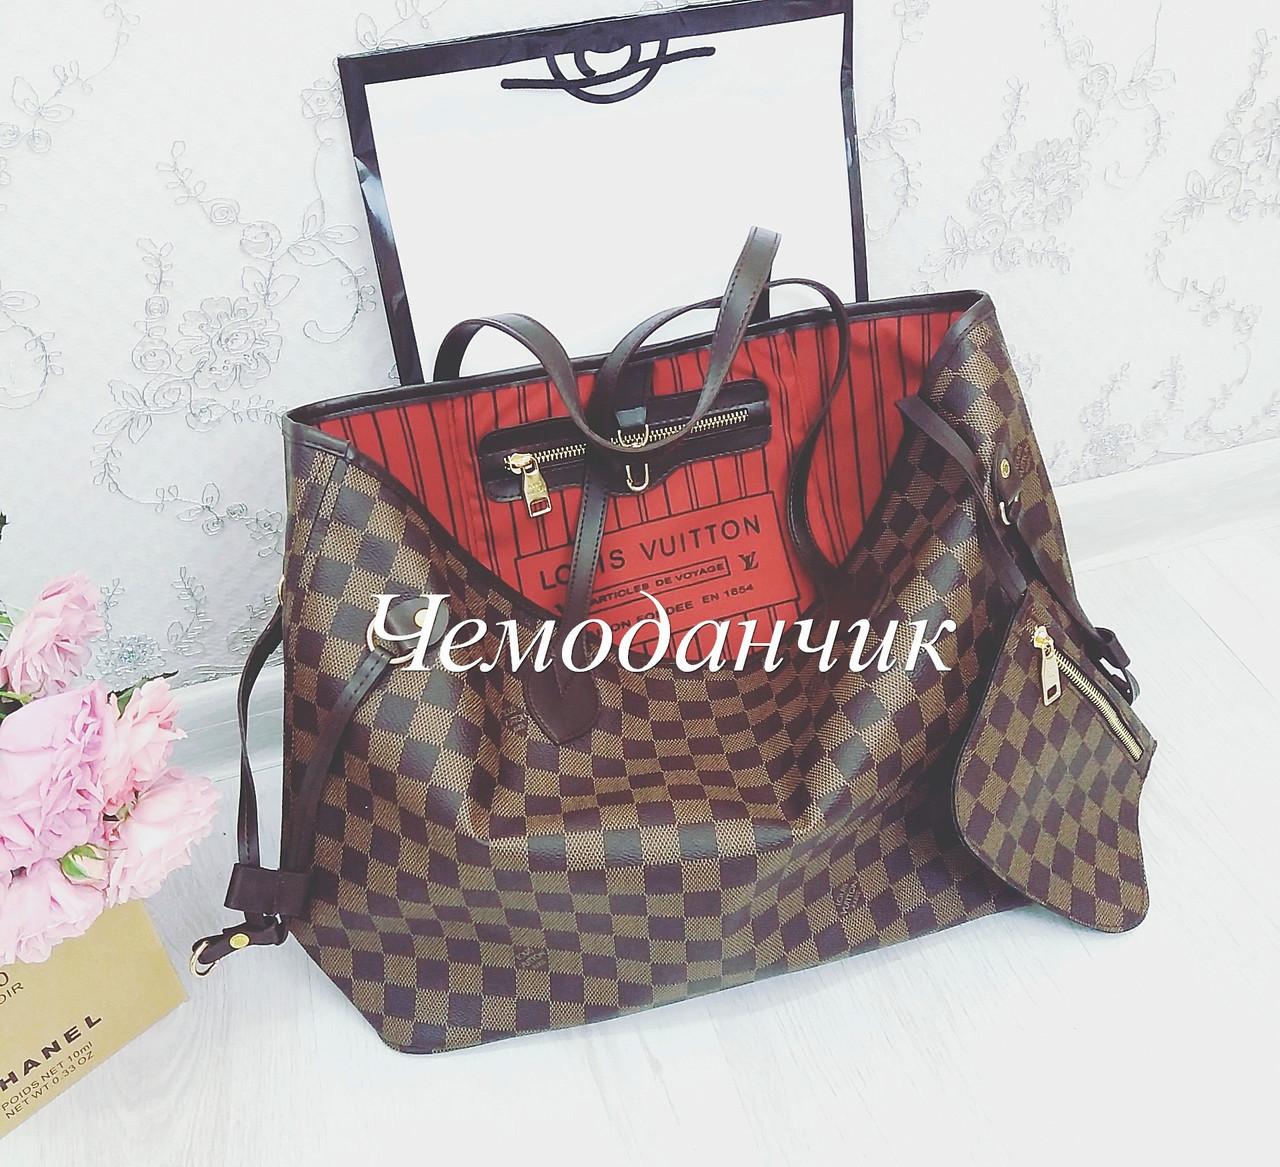 f77b9907c26a СУМКА ЛУИ ВИТТОН Неверфулл Louis Vuitton Neverfull - ЧЕМОДАНЧИК - самые  красивые сумочки по самой приятной